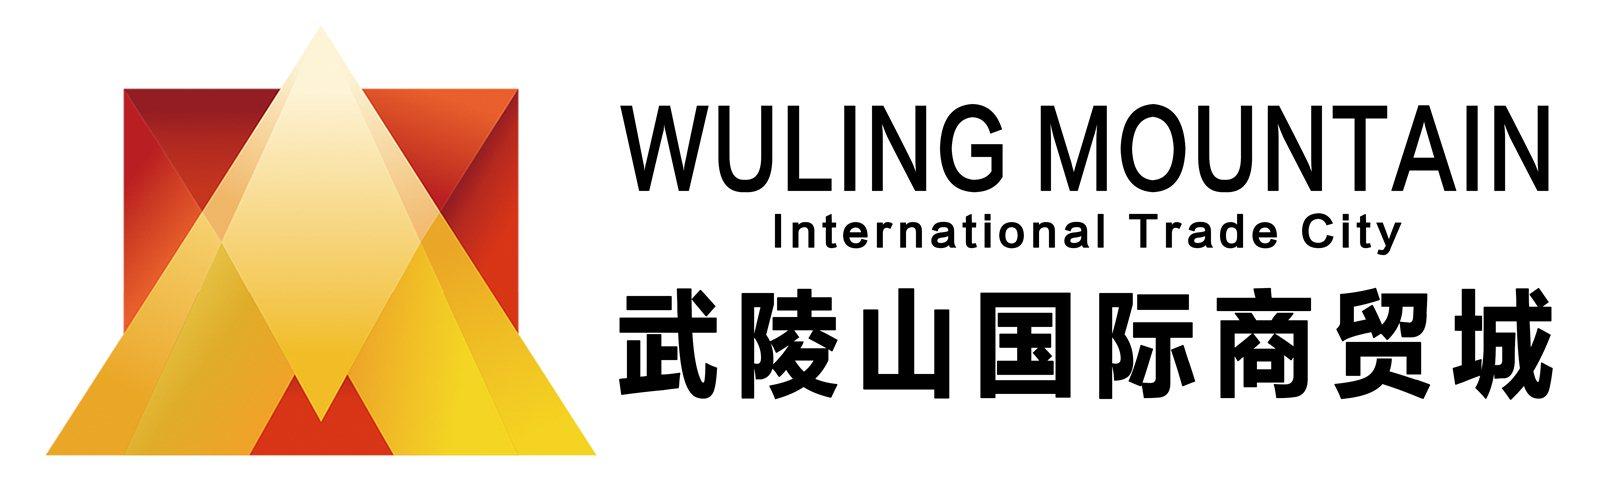 重庆威尼斯人平台武陵山商贸城管理有限威尼斯人注册